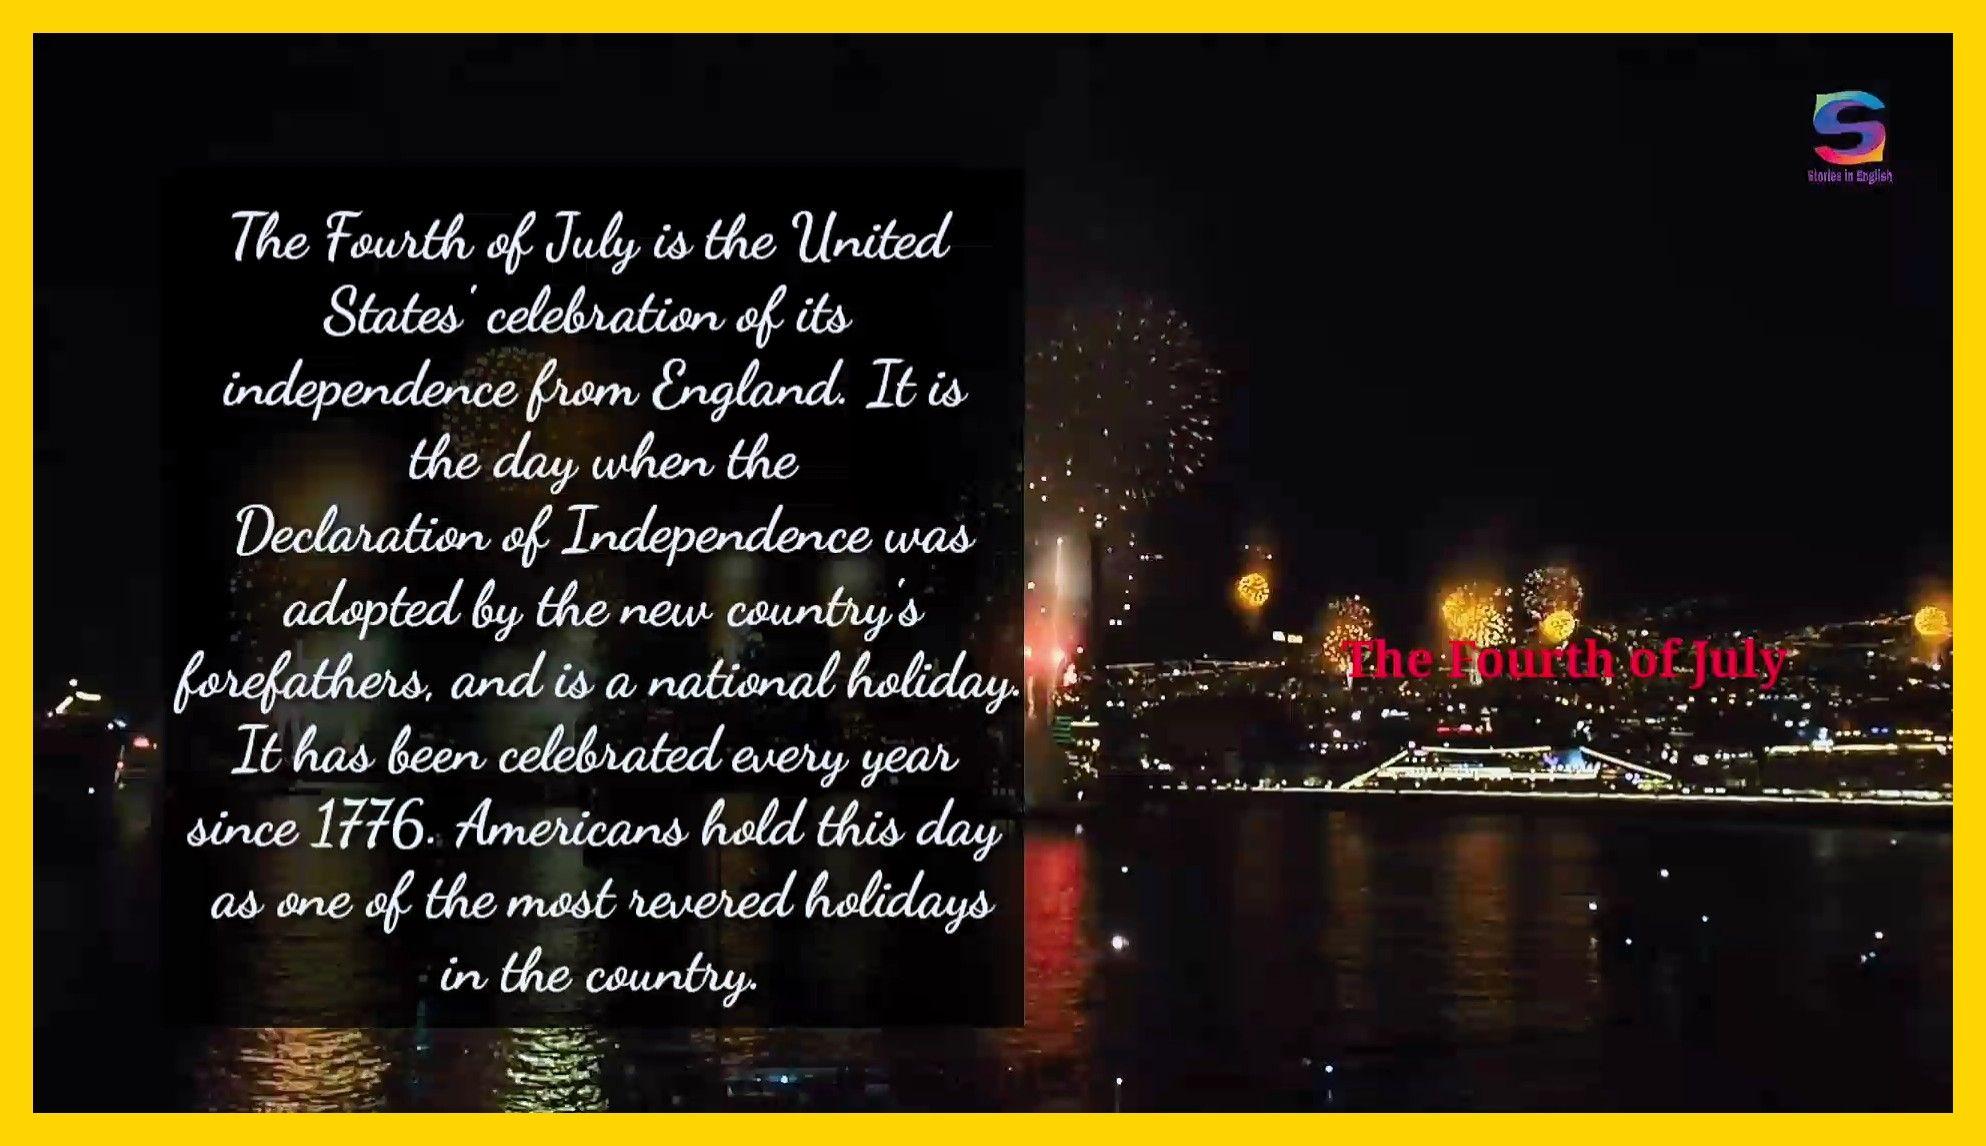 قصة قصيرة باللغة الانجليزية A Short Story In English The Fourth Of July قصة قصيرة باللغة الانجليزية English Short Stories English Story Fourth Of July